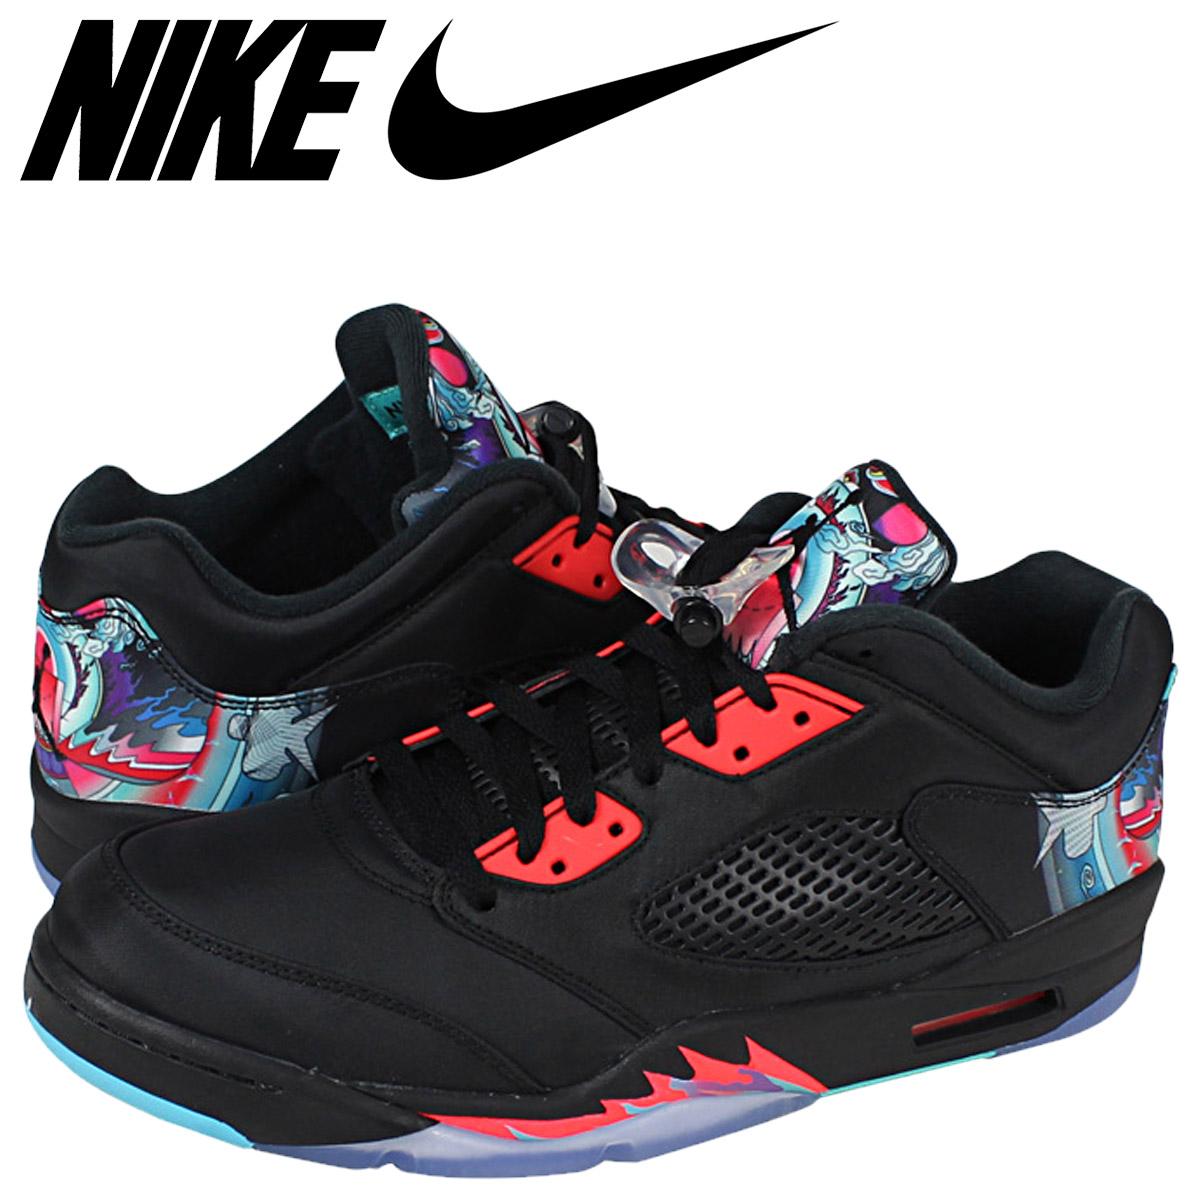 reputable site f7336 17ea9 Nike NIKE Air Jordan sneakers AIR JORDAN 5 RETRO LOW CNY Air Jordan 5 retro  low ...